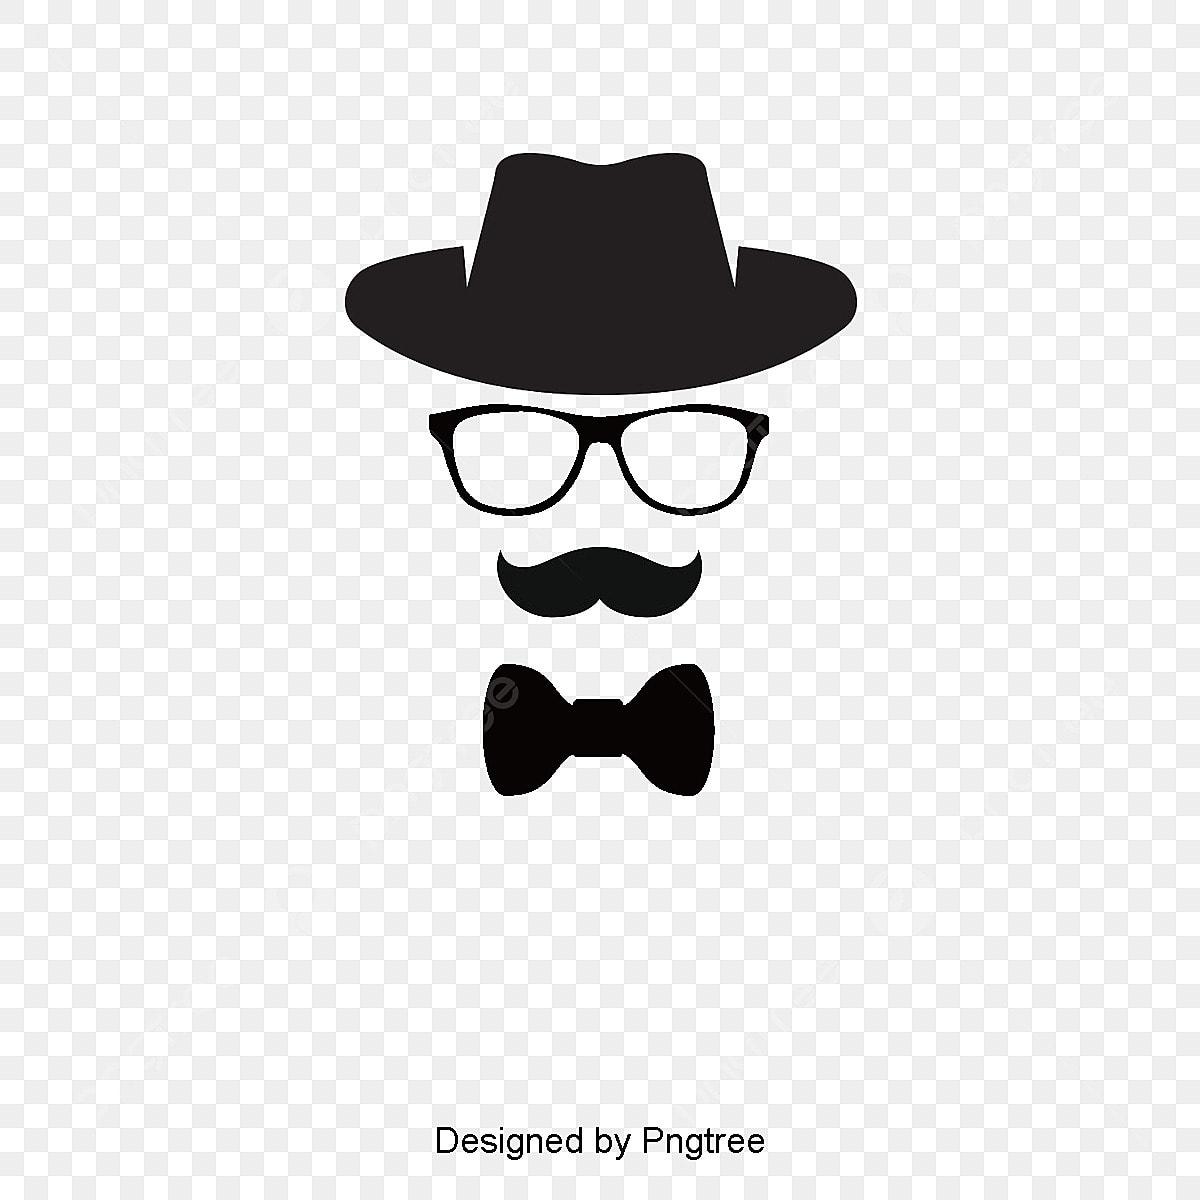 pajarita gafas barba hat elemento vector vector elemento